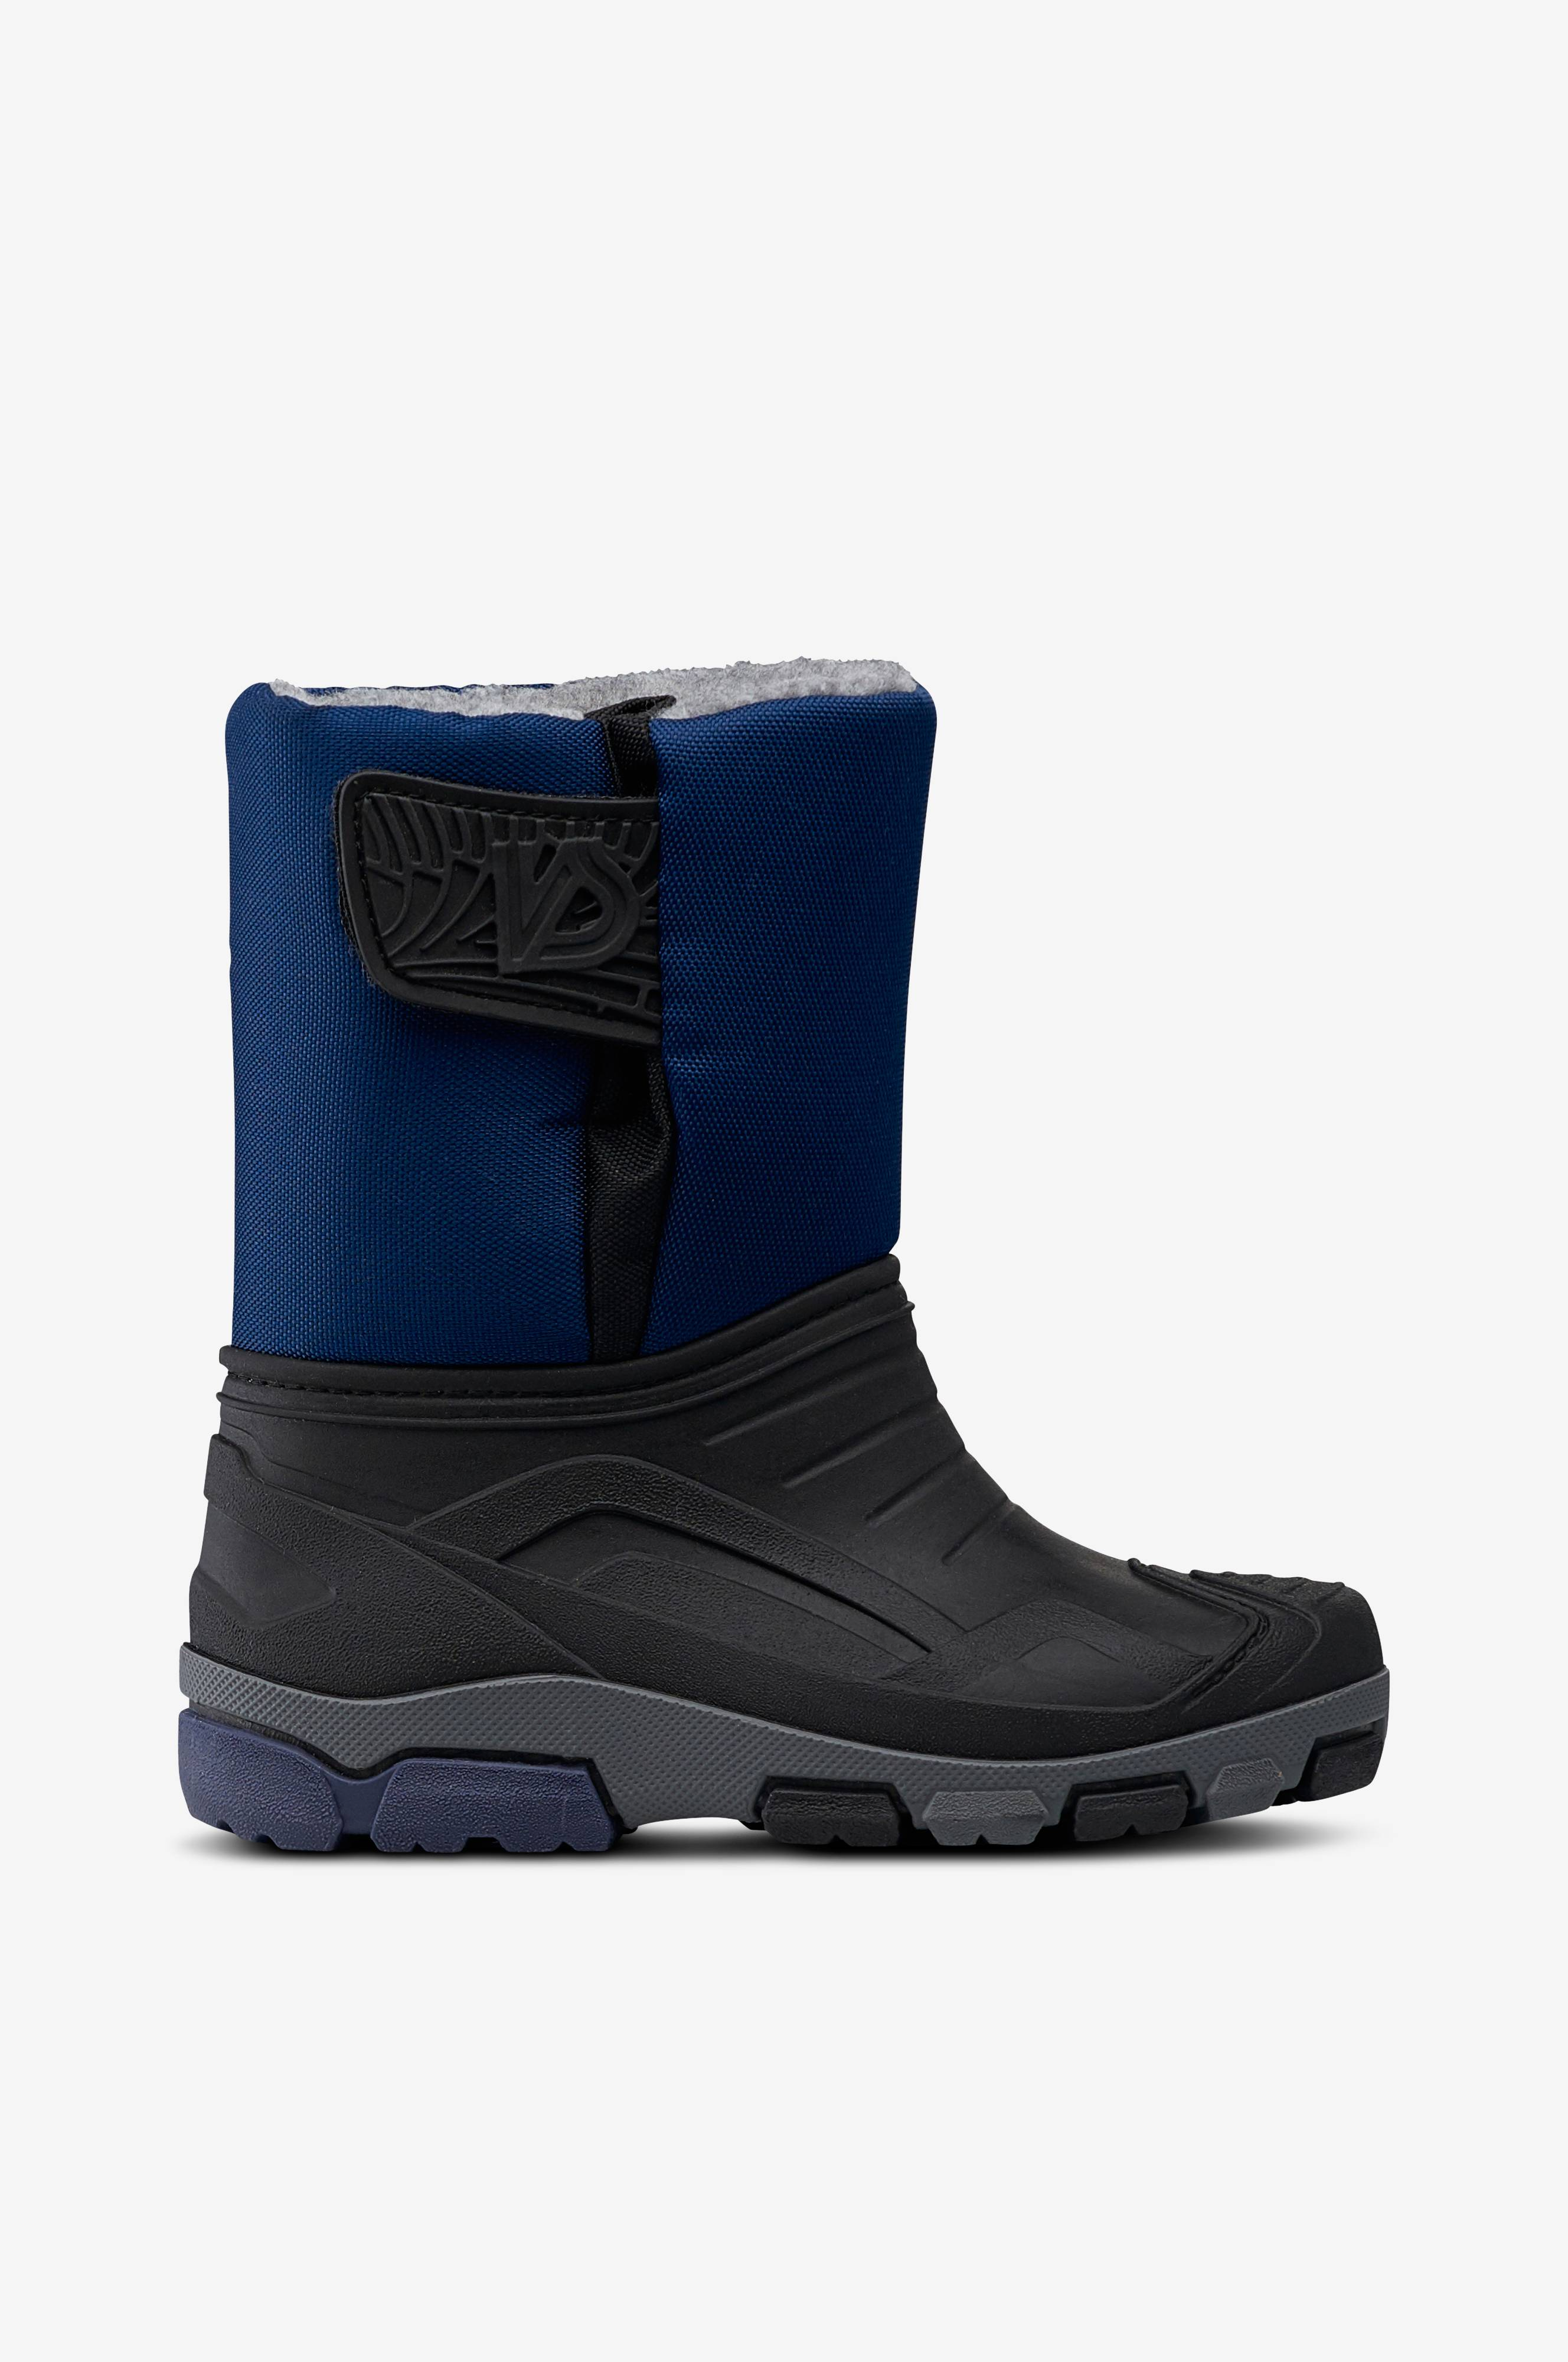 Ellos Shoes Vincent Kids -saappaat - Musta - Lapset - Ellos.fi f09d3d224a